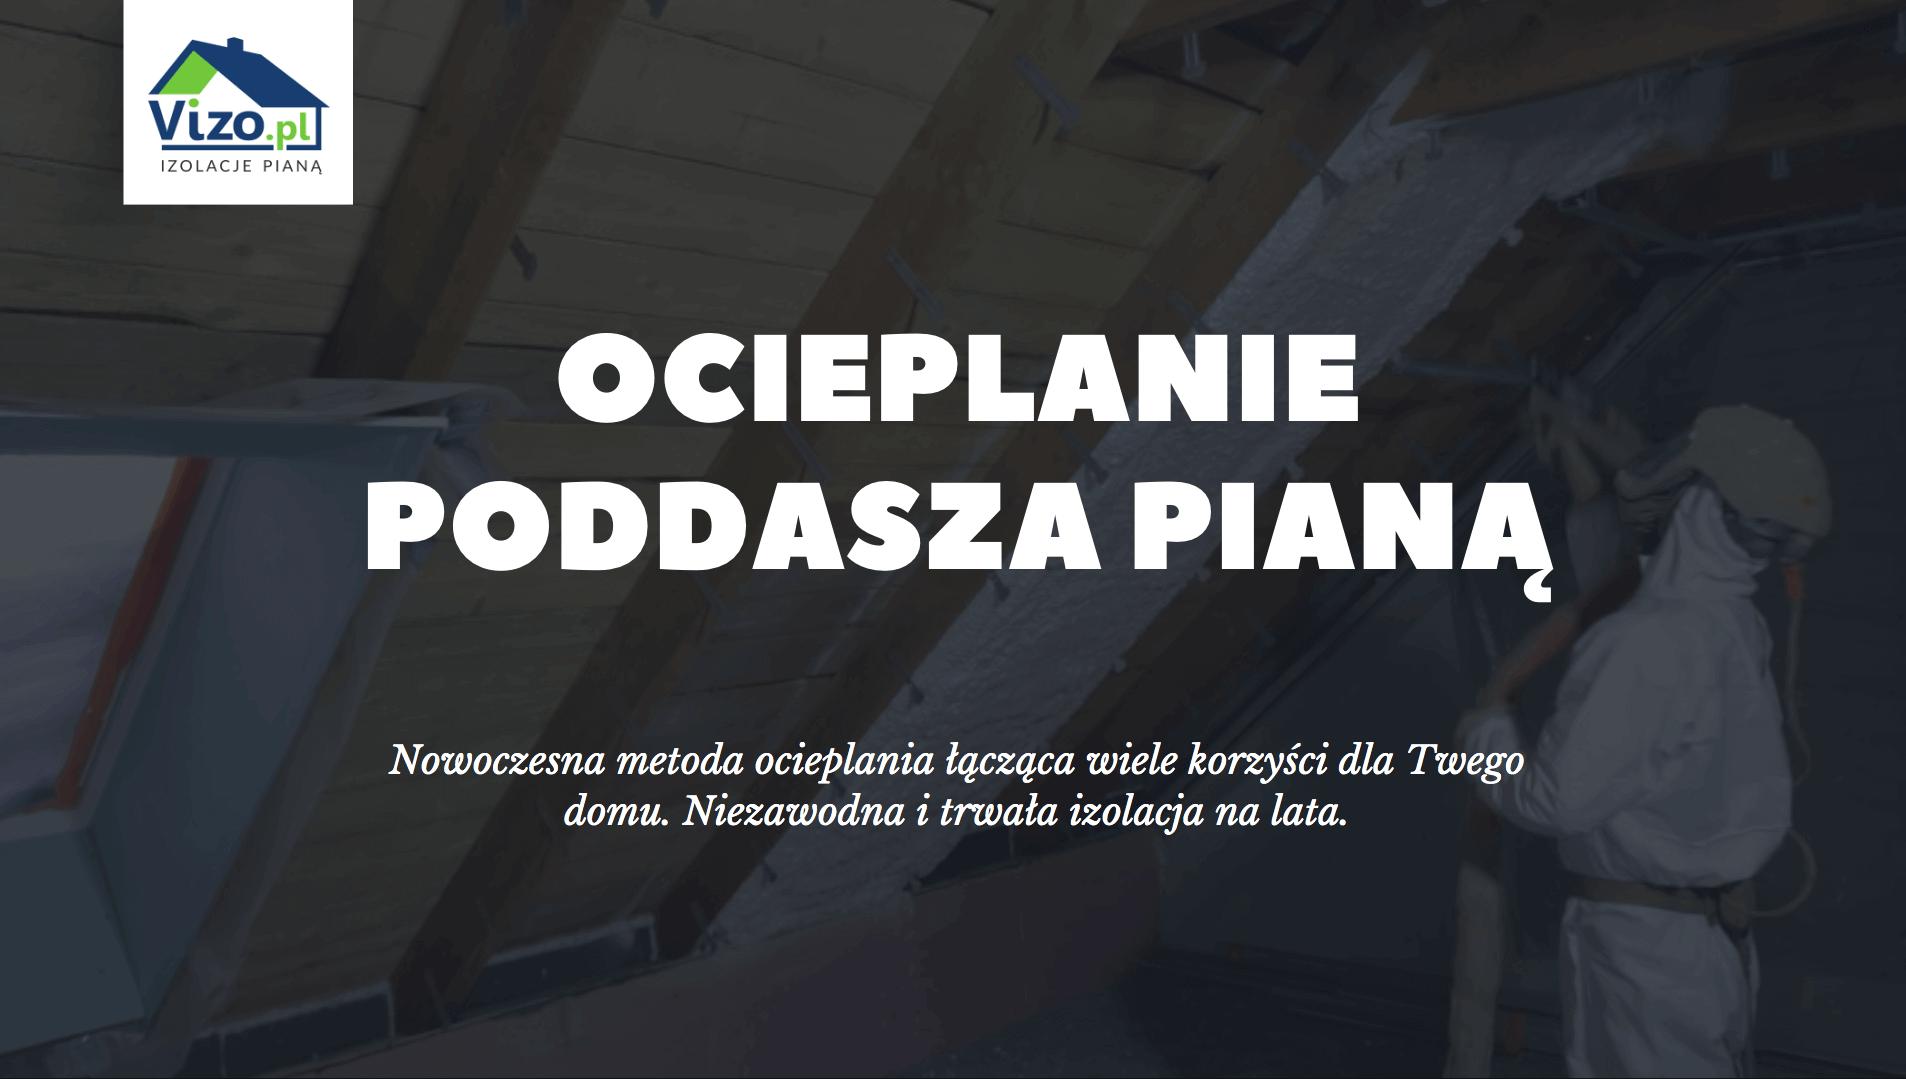 ocieplanie-poddasza-pianka-banner